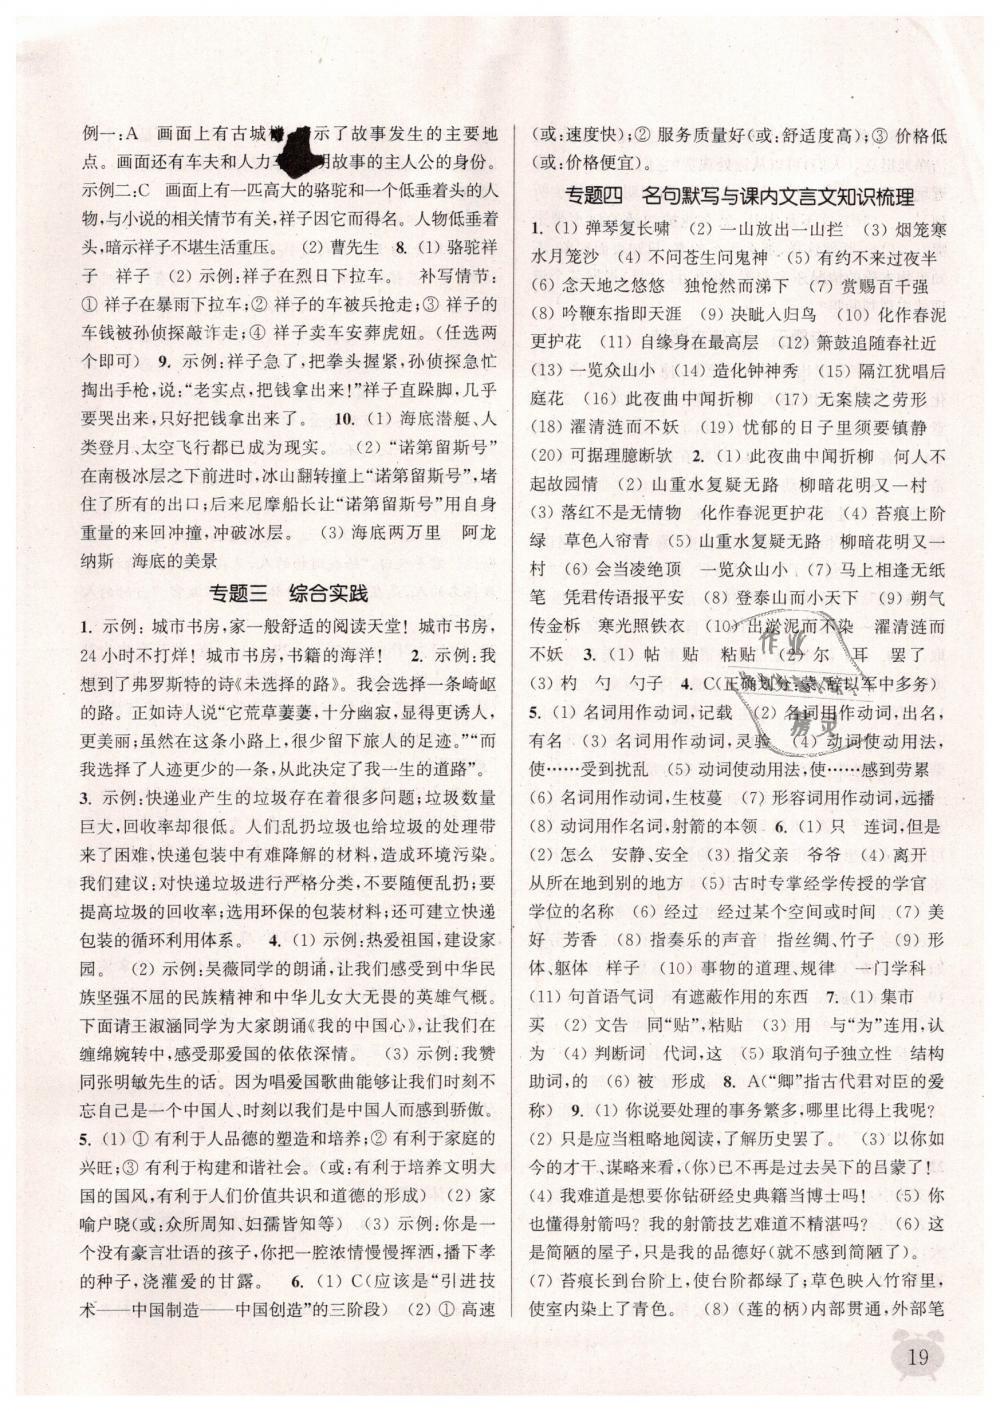 2019年通城学典课时作业本七年级语文下册人教版第19页